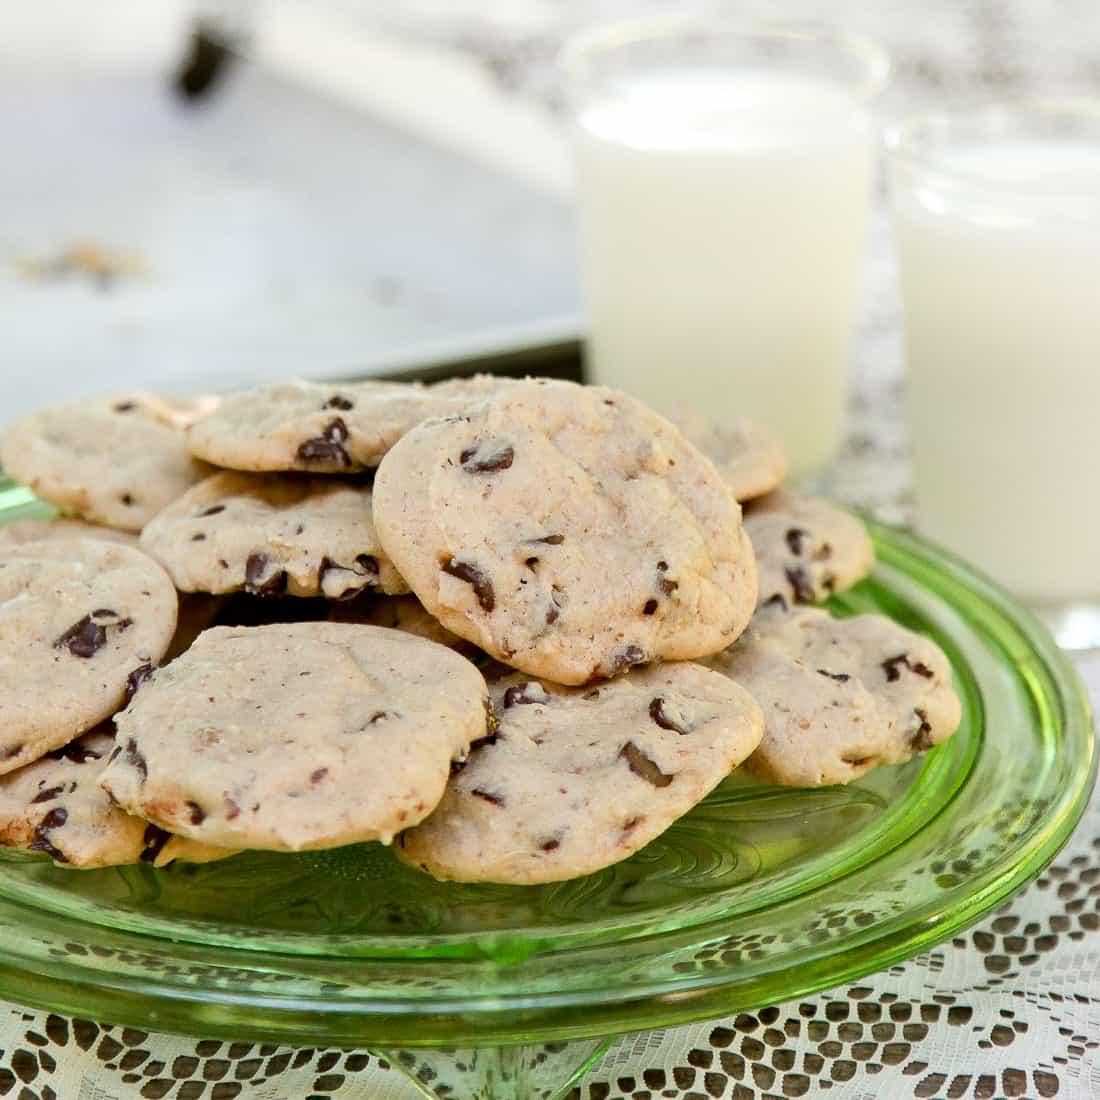 gluten free casein free gluten free chocolate chip scones david s ...